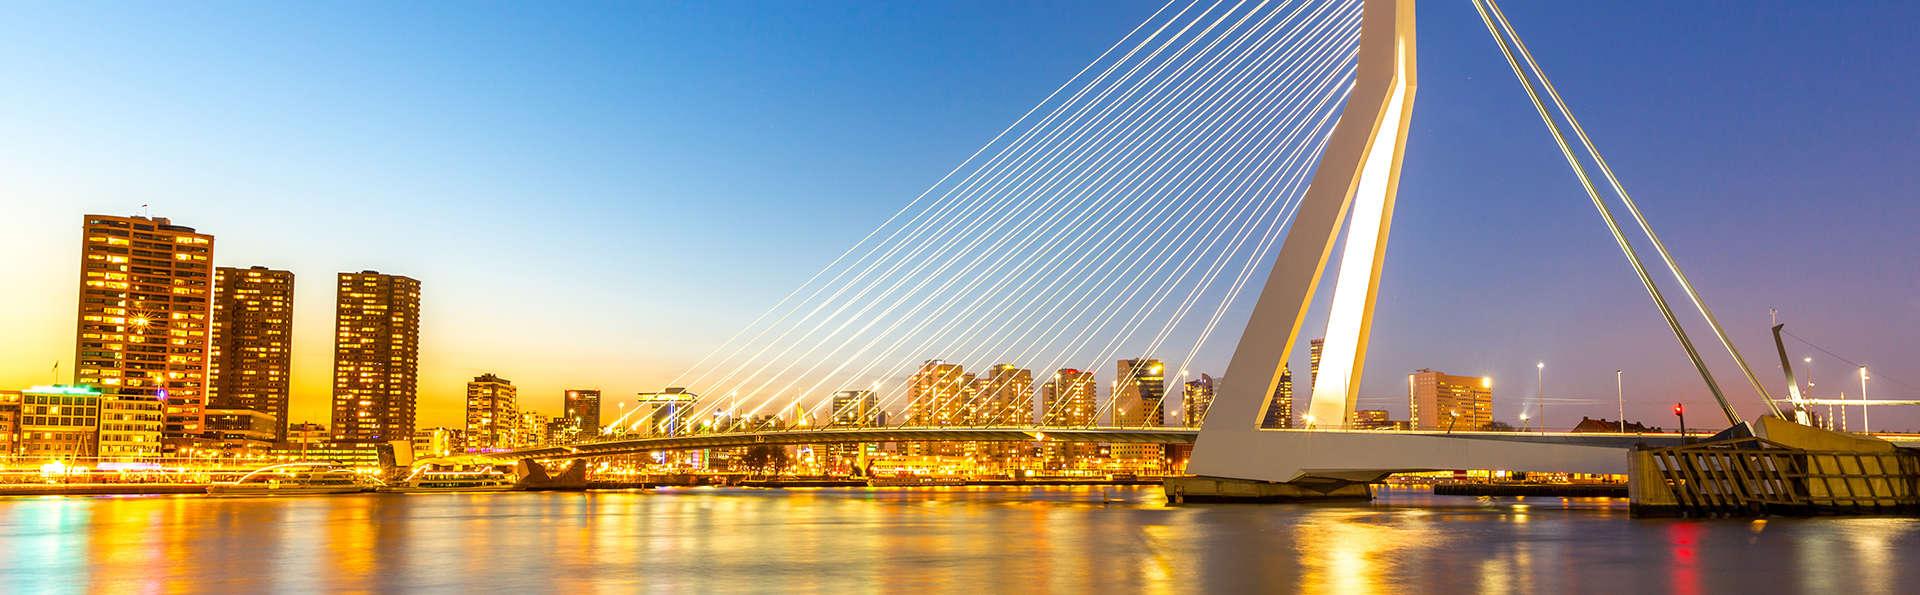 Confort et hospitalité lors d'un city trip à Rotterdam (2 nuits)